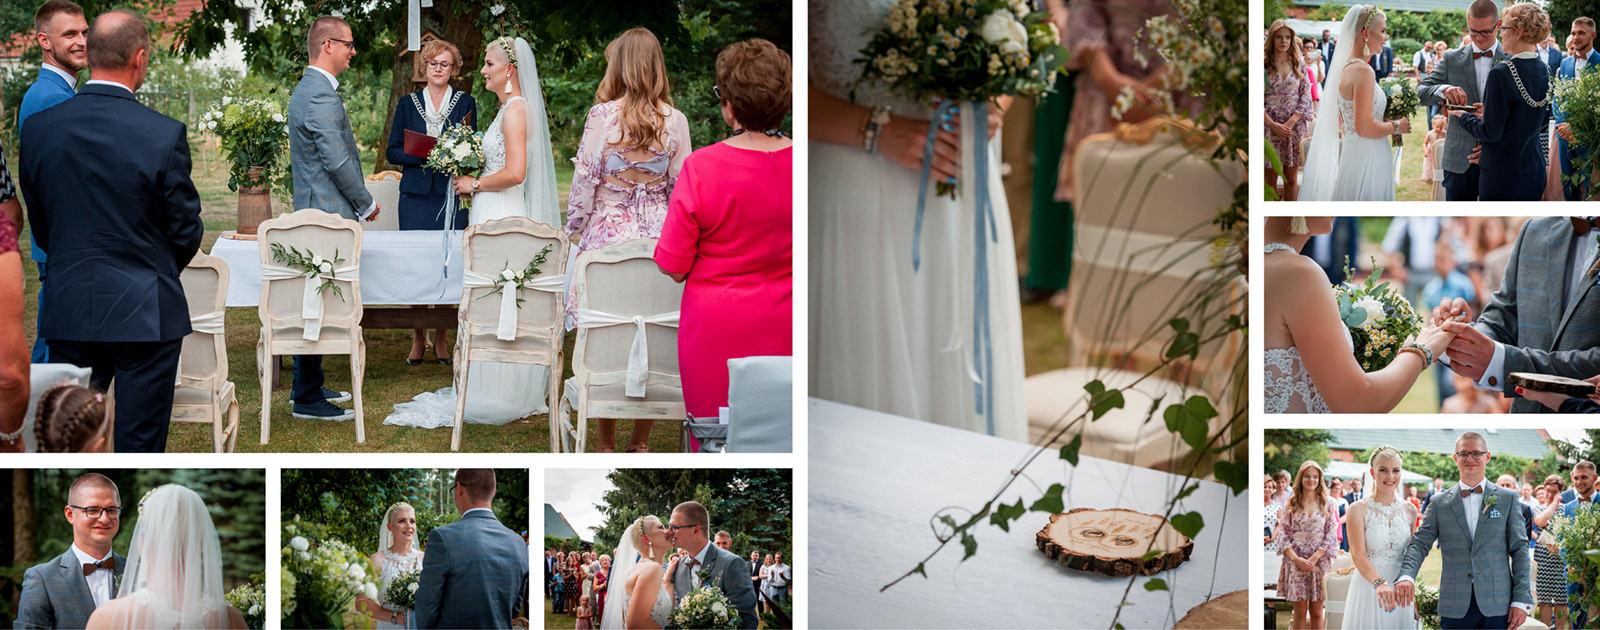 Na ślubie cywilnym w plenerze fotograf śłubny ma ogromne możliwości uwiecznienia wyjątkowych ujęć.